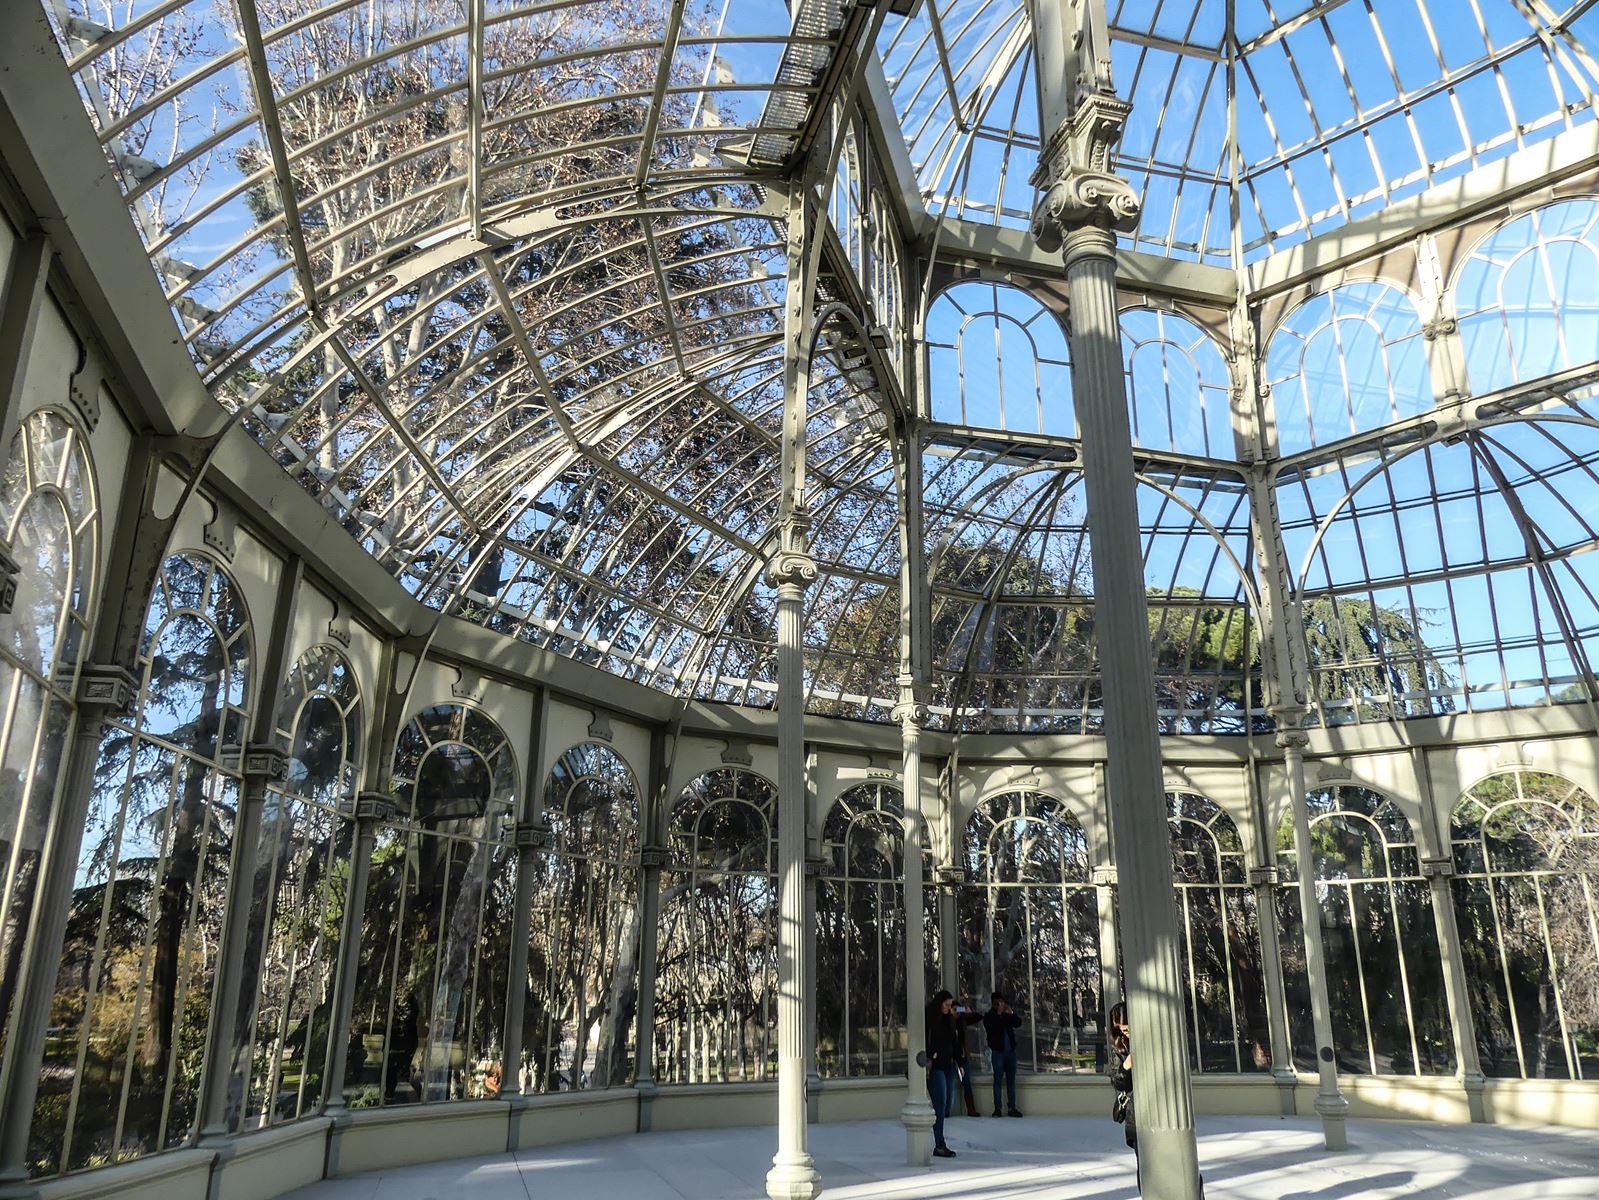 madrid-claironyva-el parque del retiro - palacio de cristal